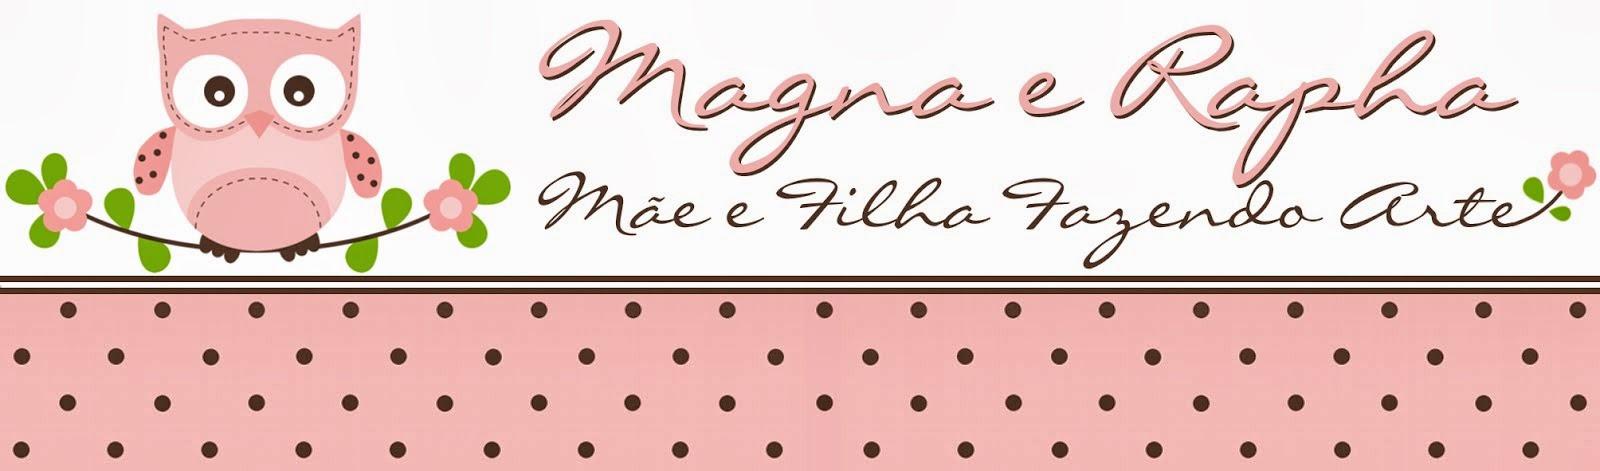 Magna e Rapha - Mãe e filha fazendo ARTE!